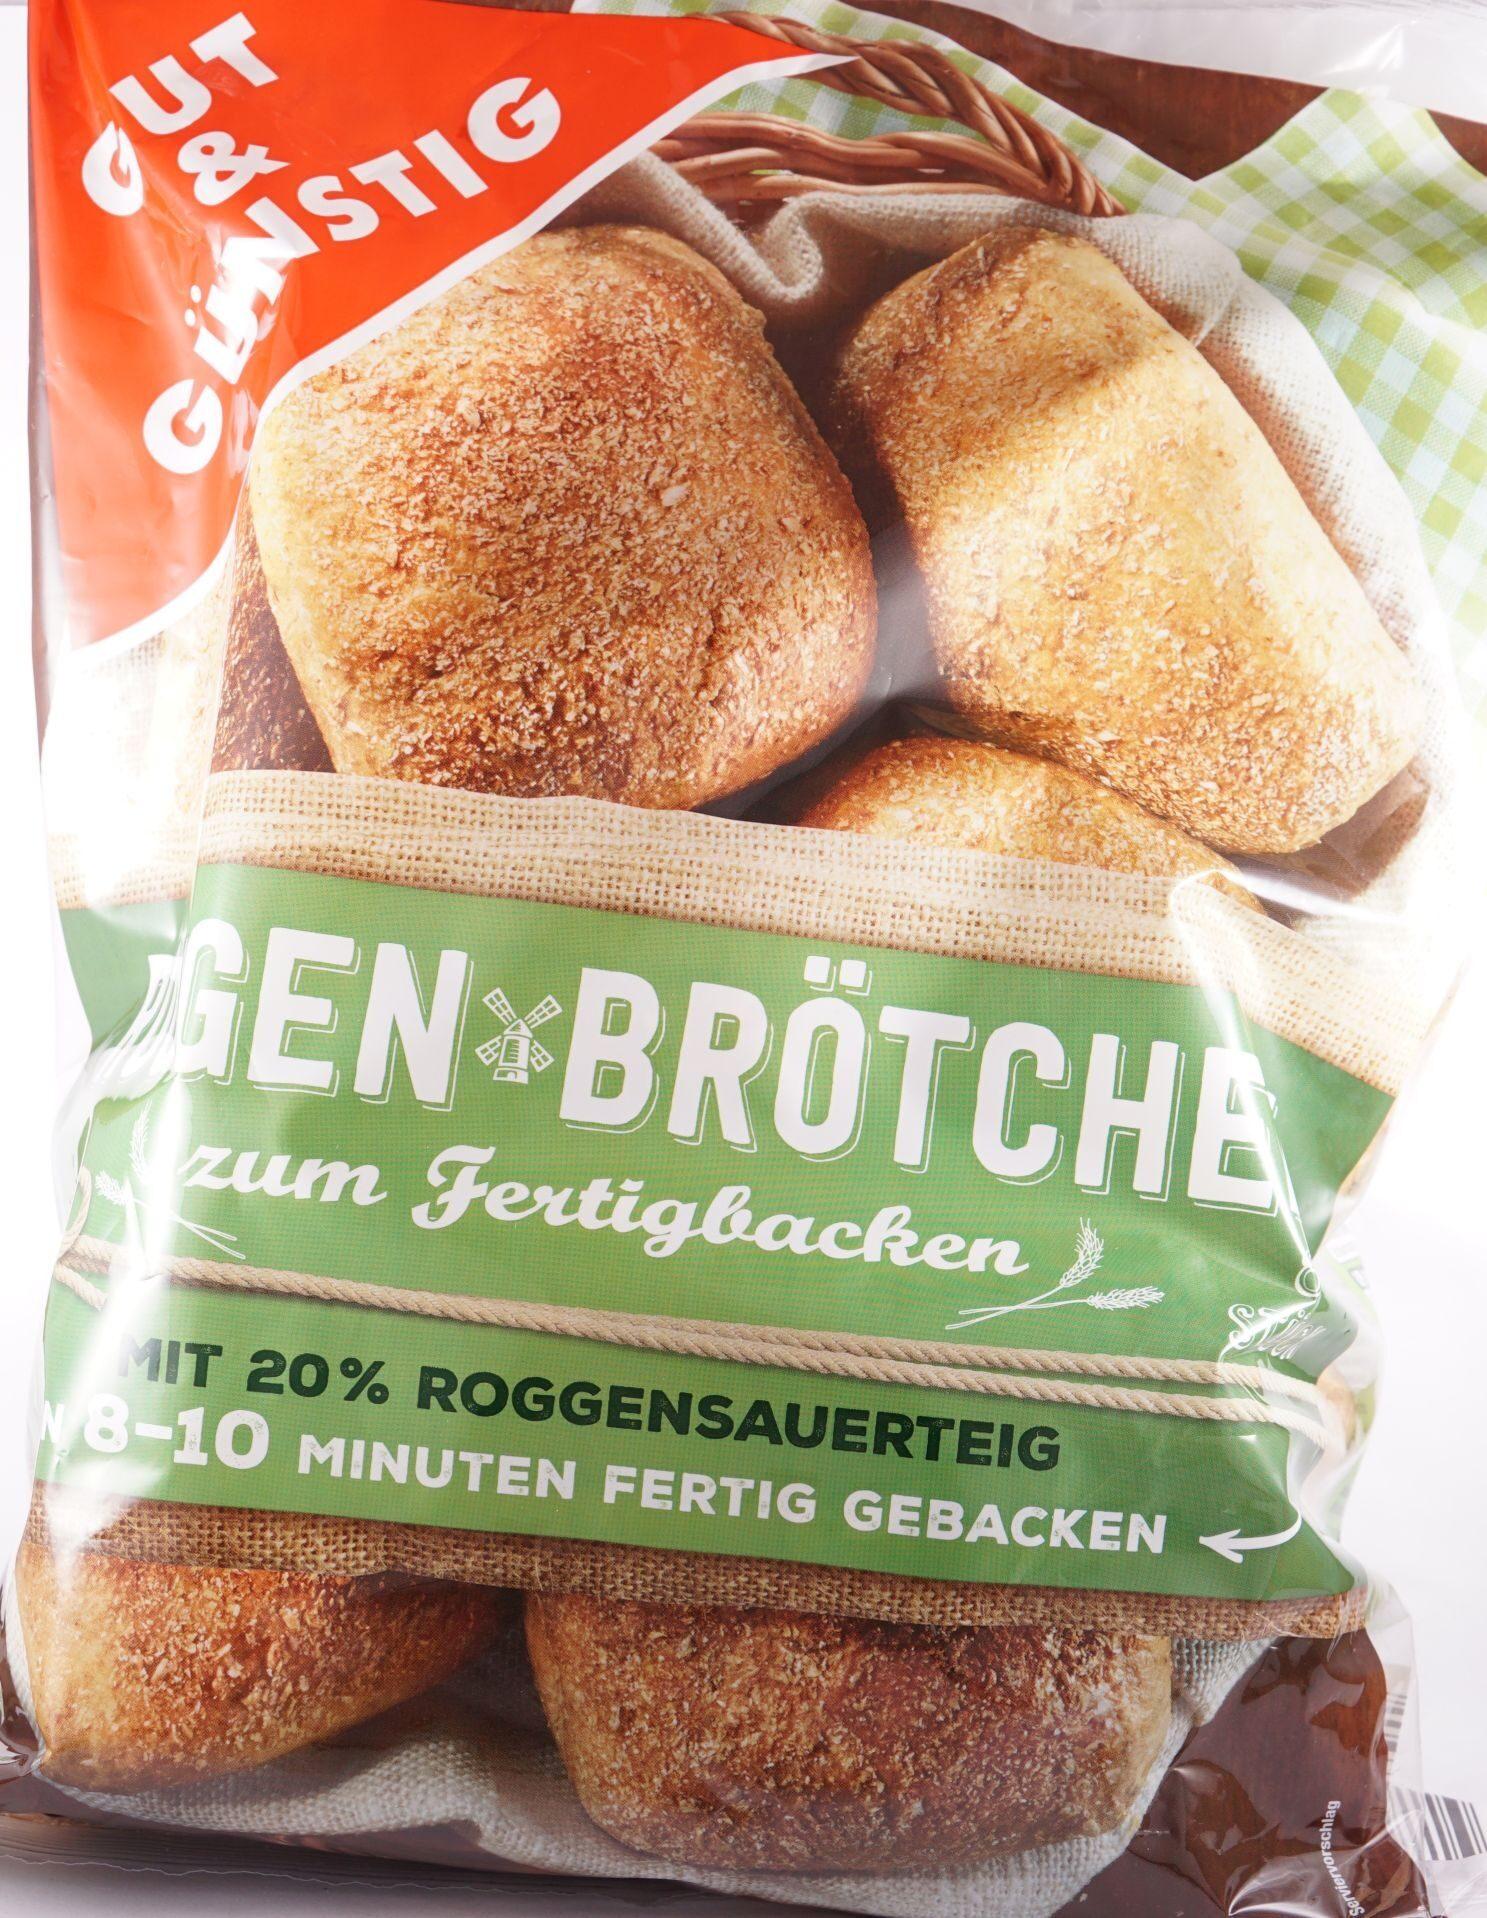 Roggen Brötchen zum Fertigbacken - 产品 - de